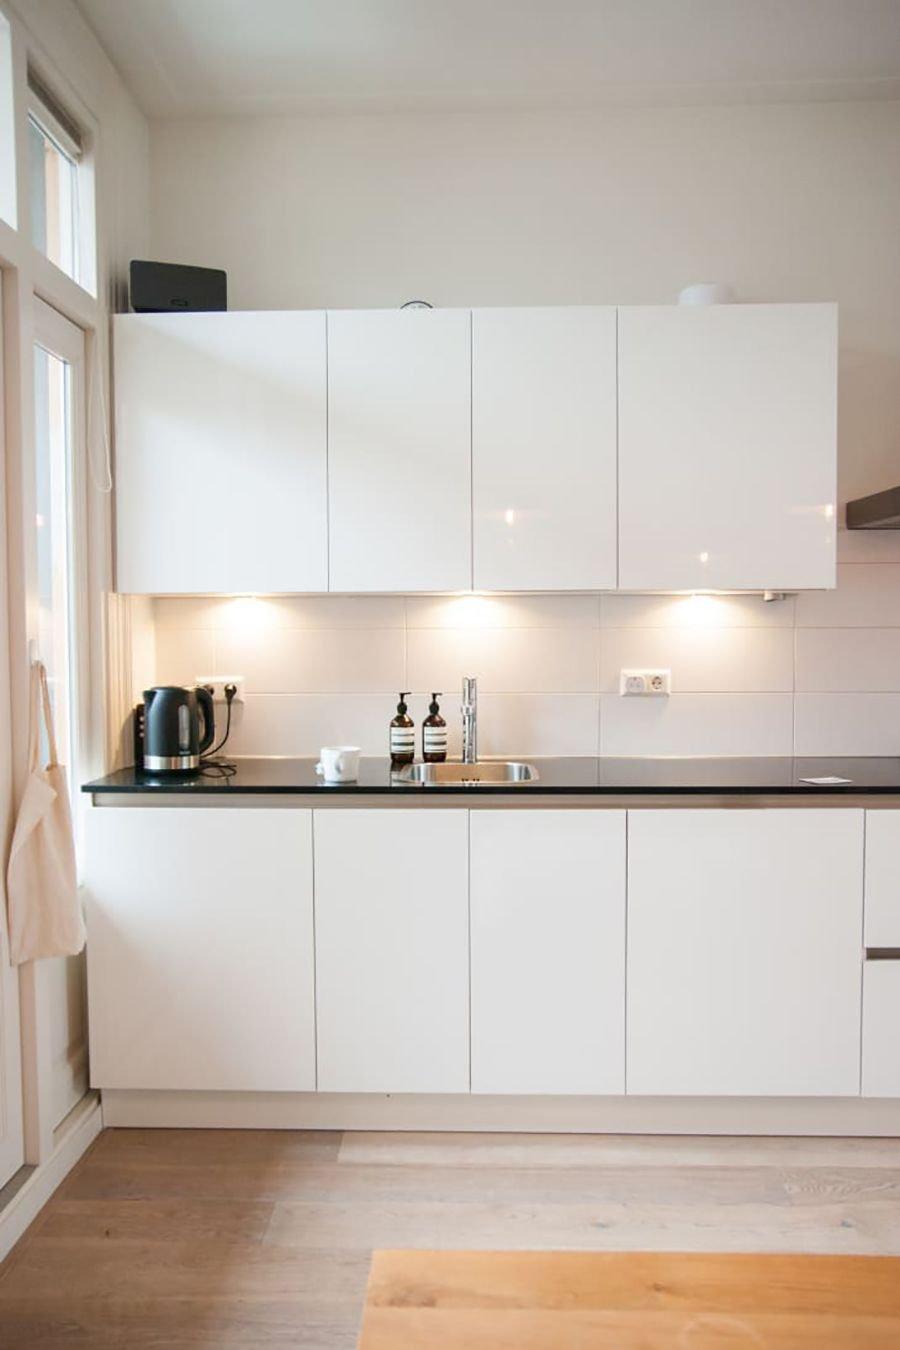 area de trabalho cozinha iluminacao prego e martelo